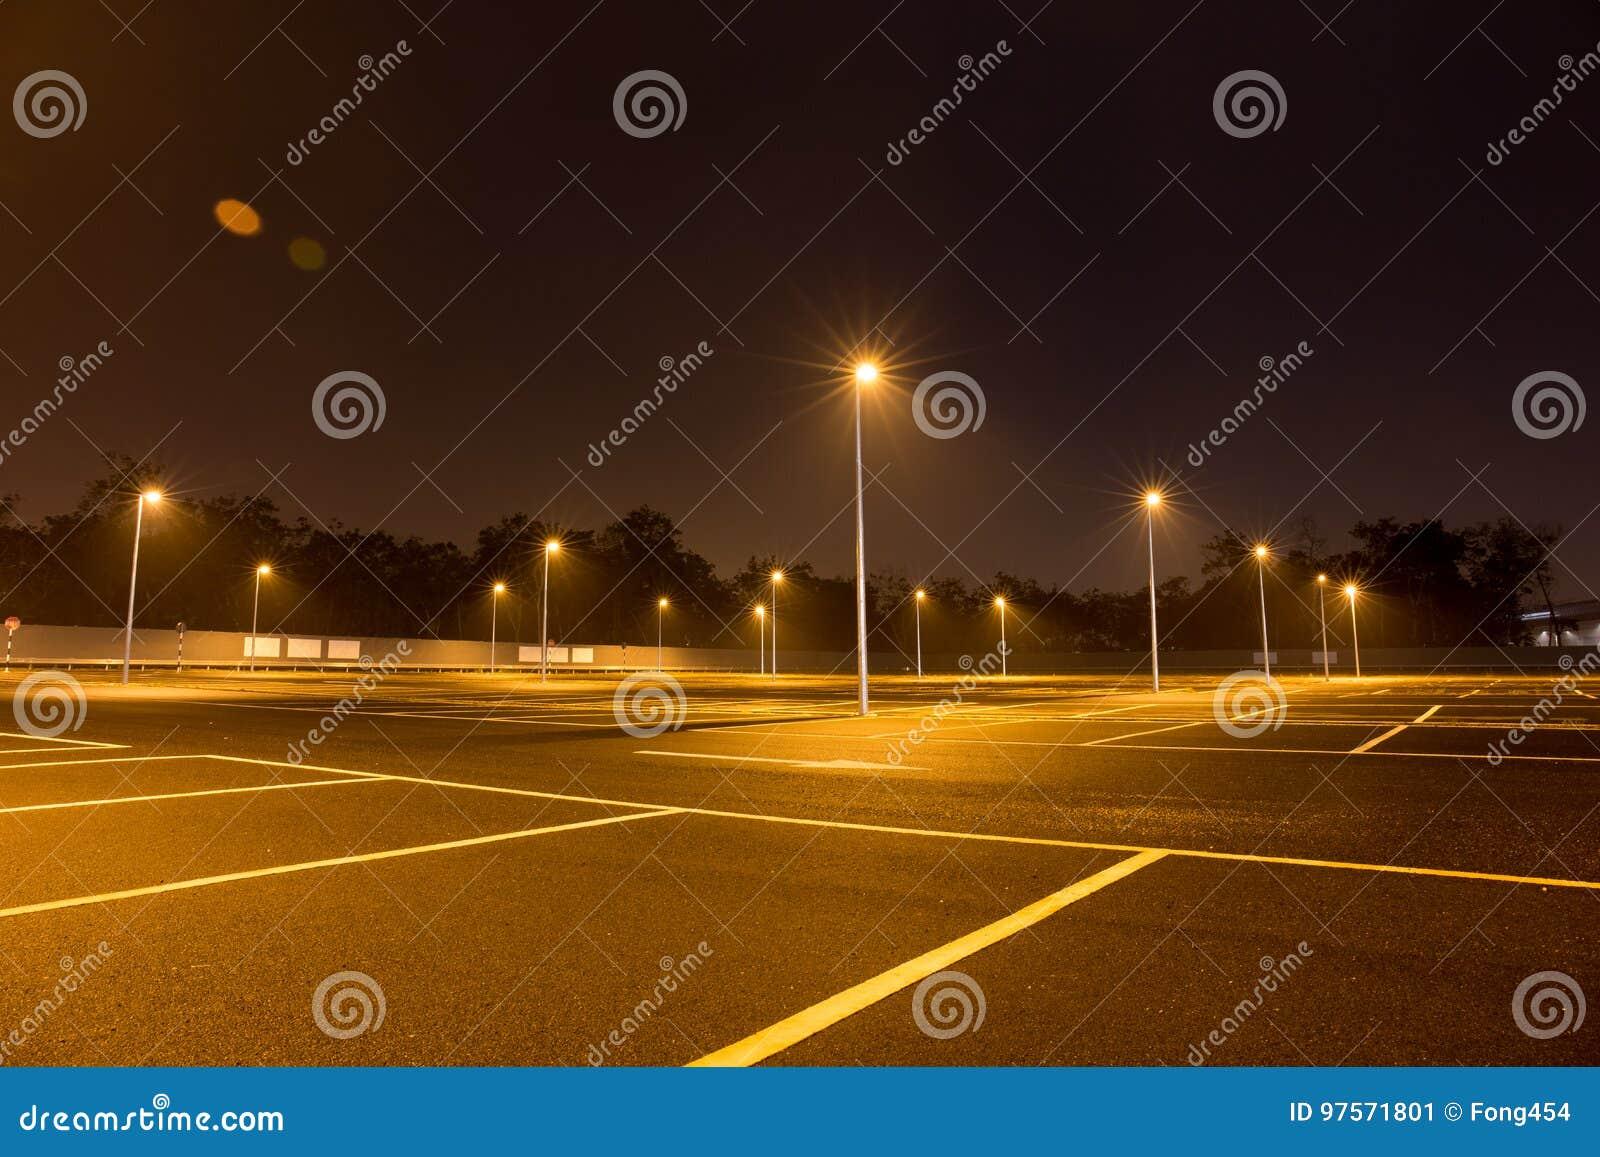 Lampade A Sospensione Allaperto : Svuoti il parcheggio all aperto alla notte splesa con le lampade